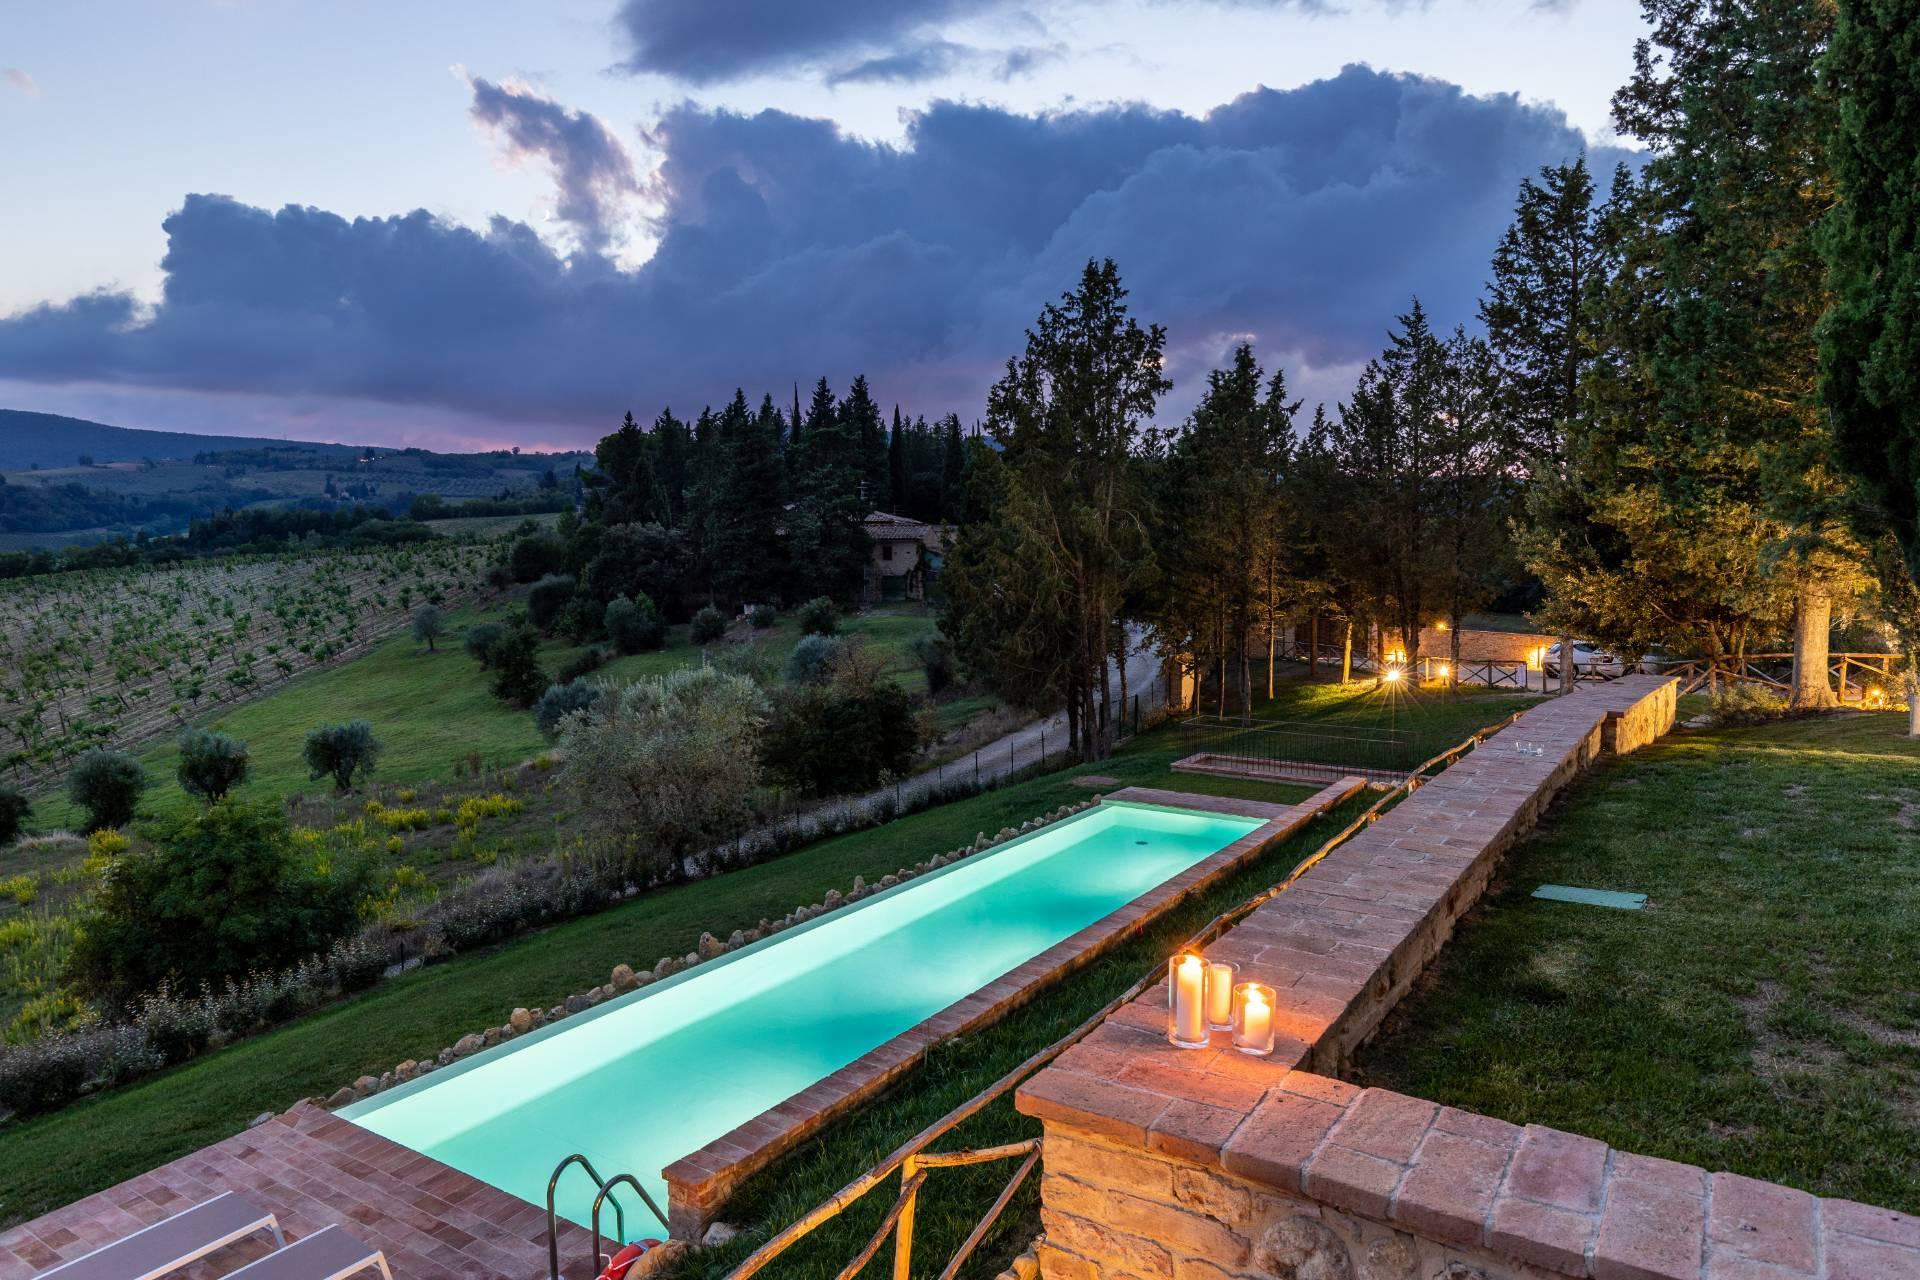 Appartamento in vendita a San Gimignano, 9 locali, zona Località: Campagna, prezzo € 964.000 | CambioCasa.it